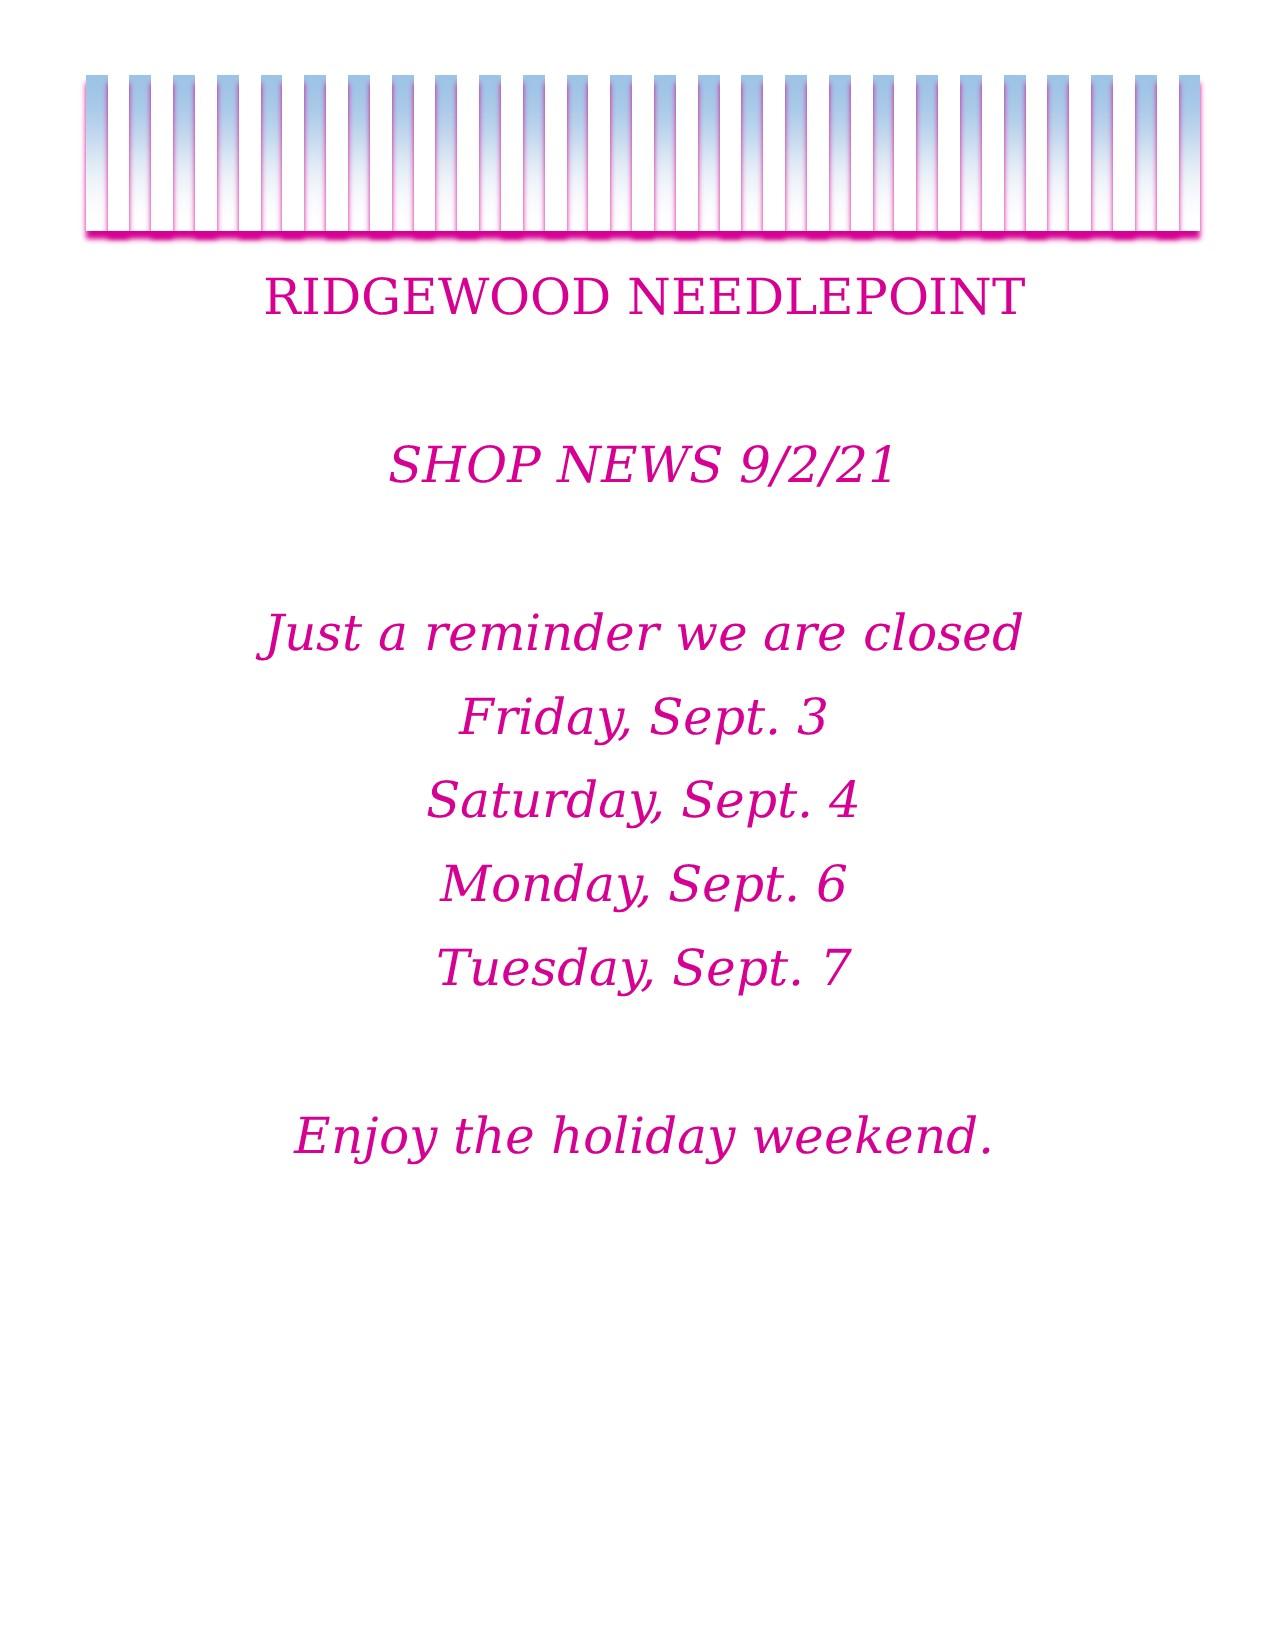 Shop News – 9-2-21